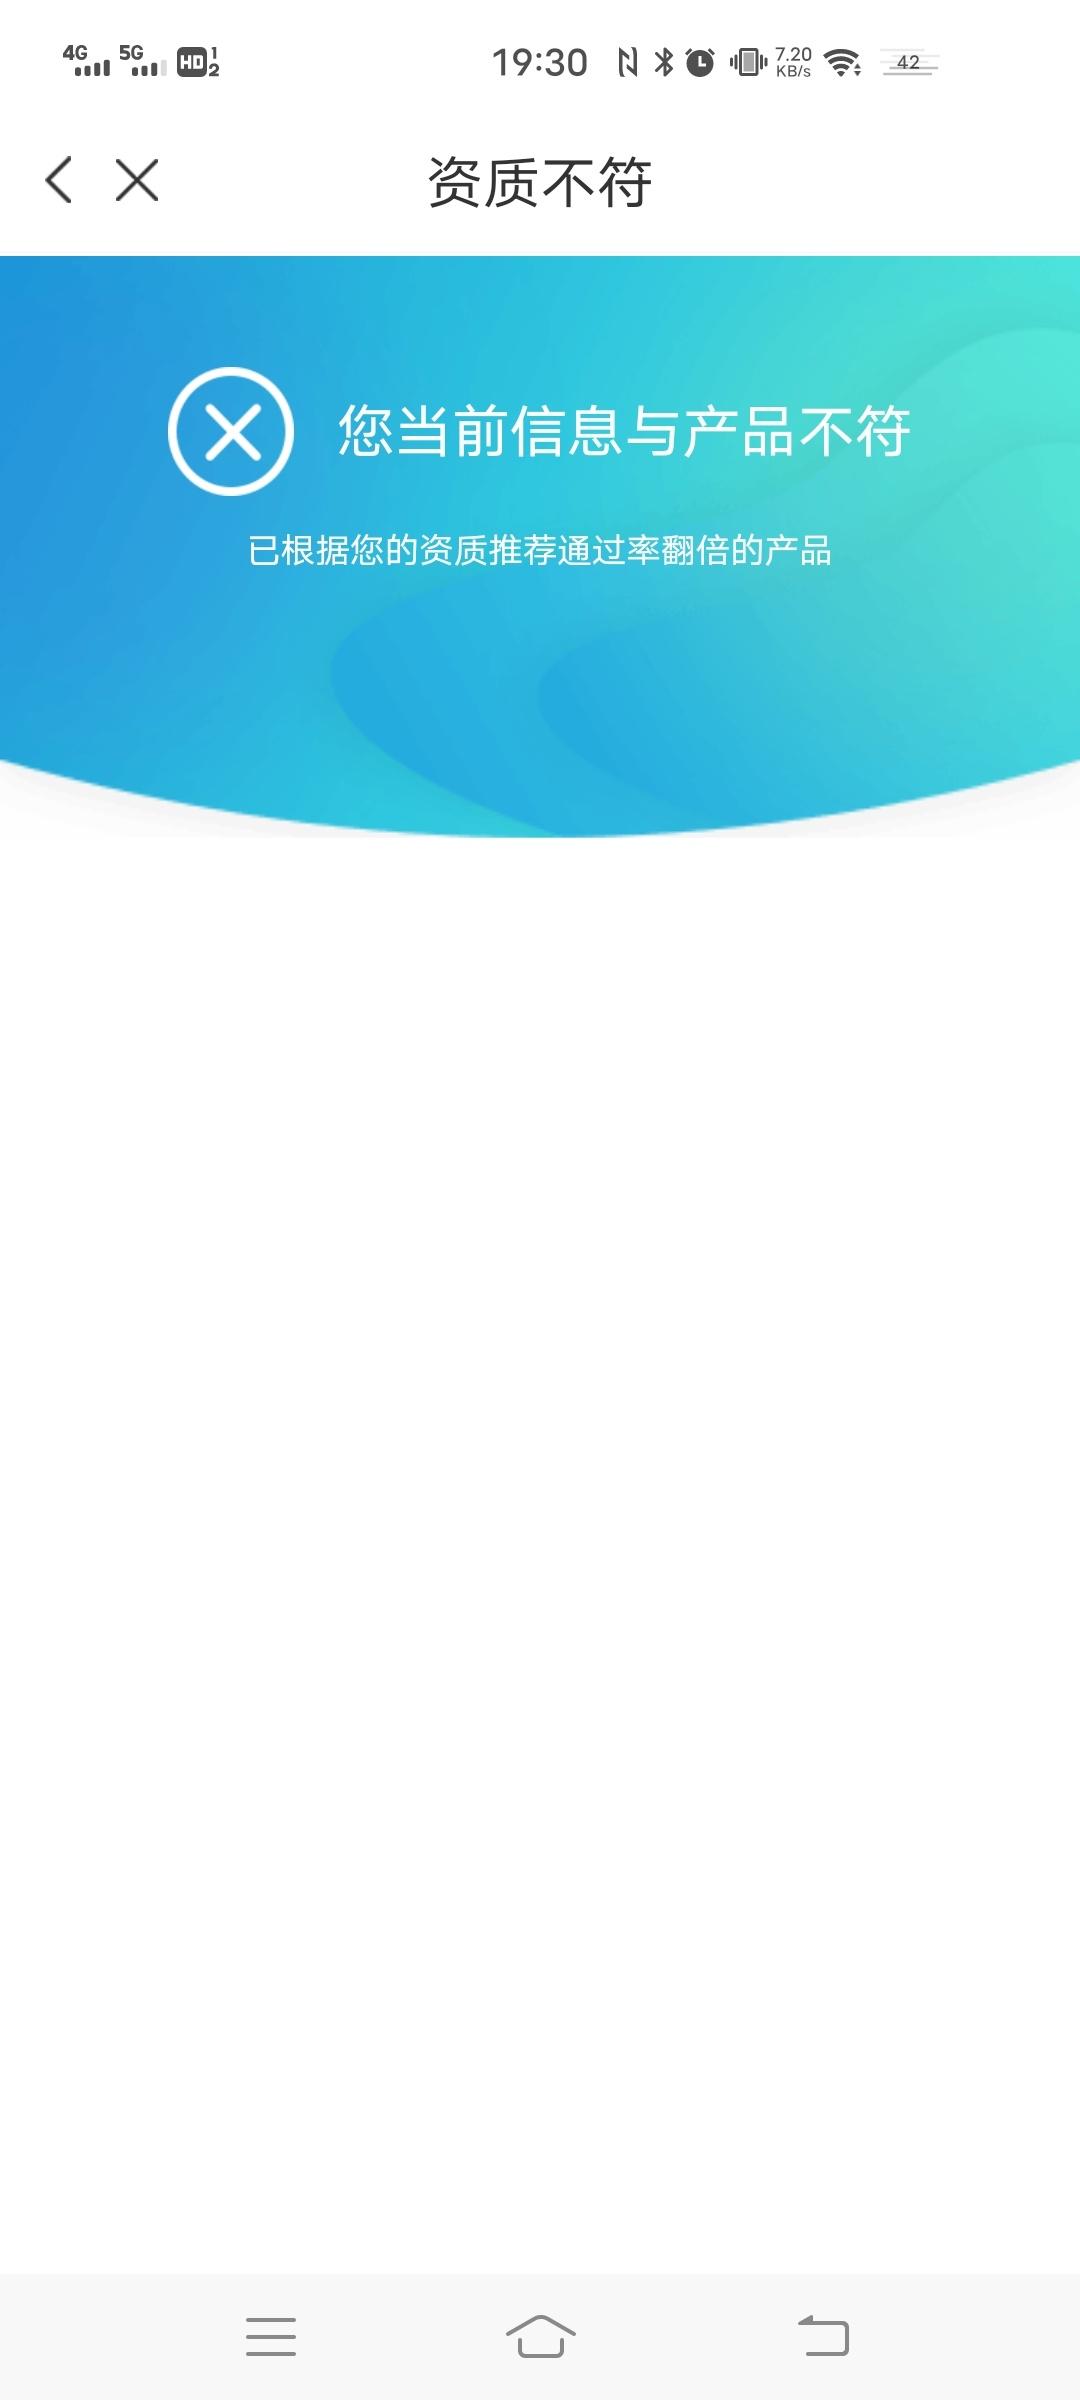 #捷顺分期#根据资料推荐贷款,安卓手机可参考...93 / 作者:大壮壮的鼻子 /